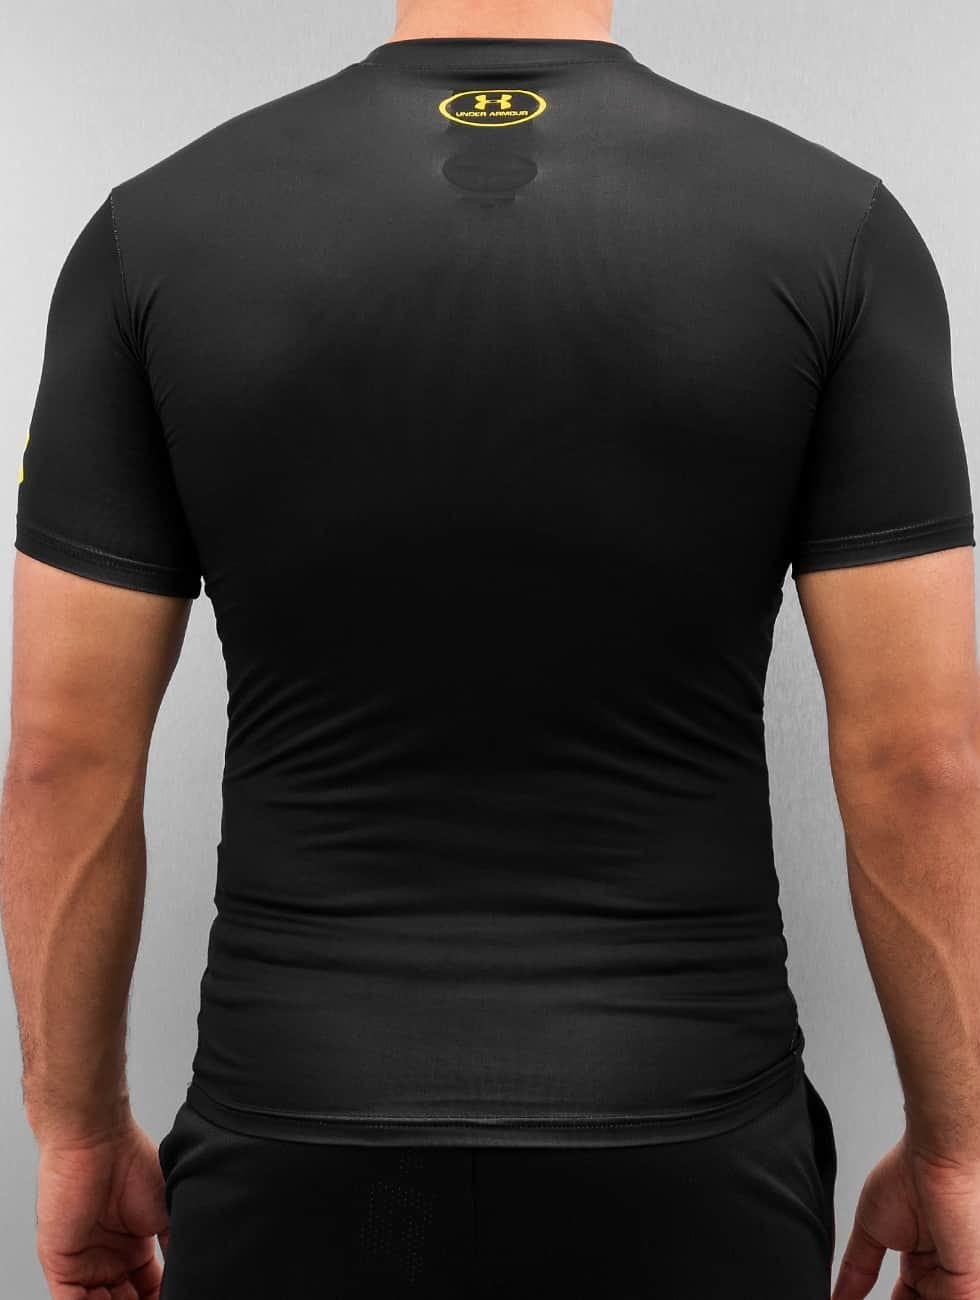 Under Armour T-Shirt Alter Ego Batman Compression schwarz